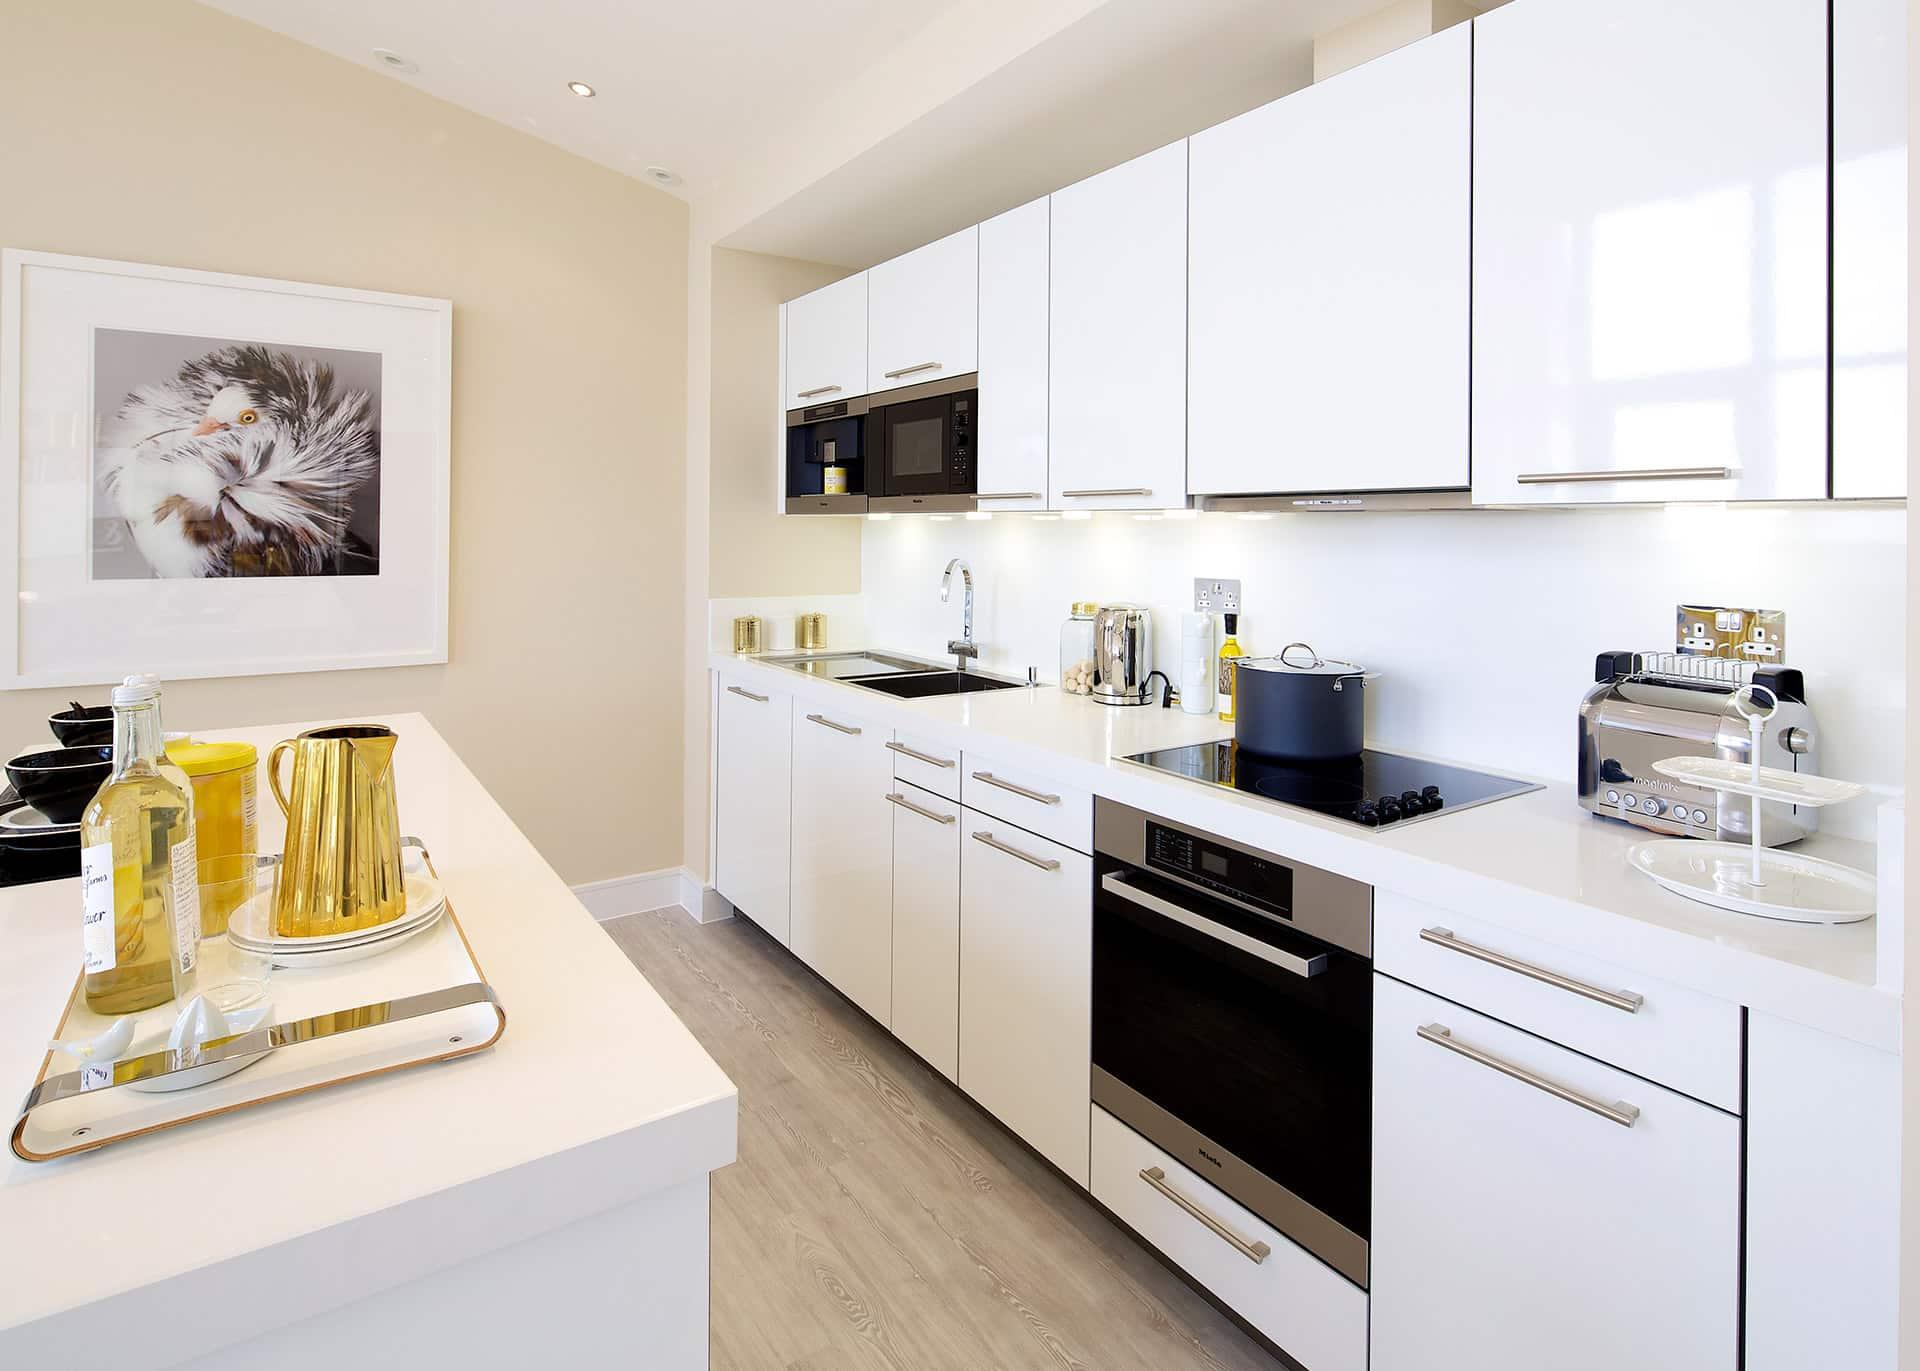 b613 Castle Quay Millias House kitchen